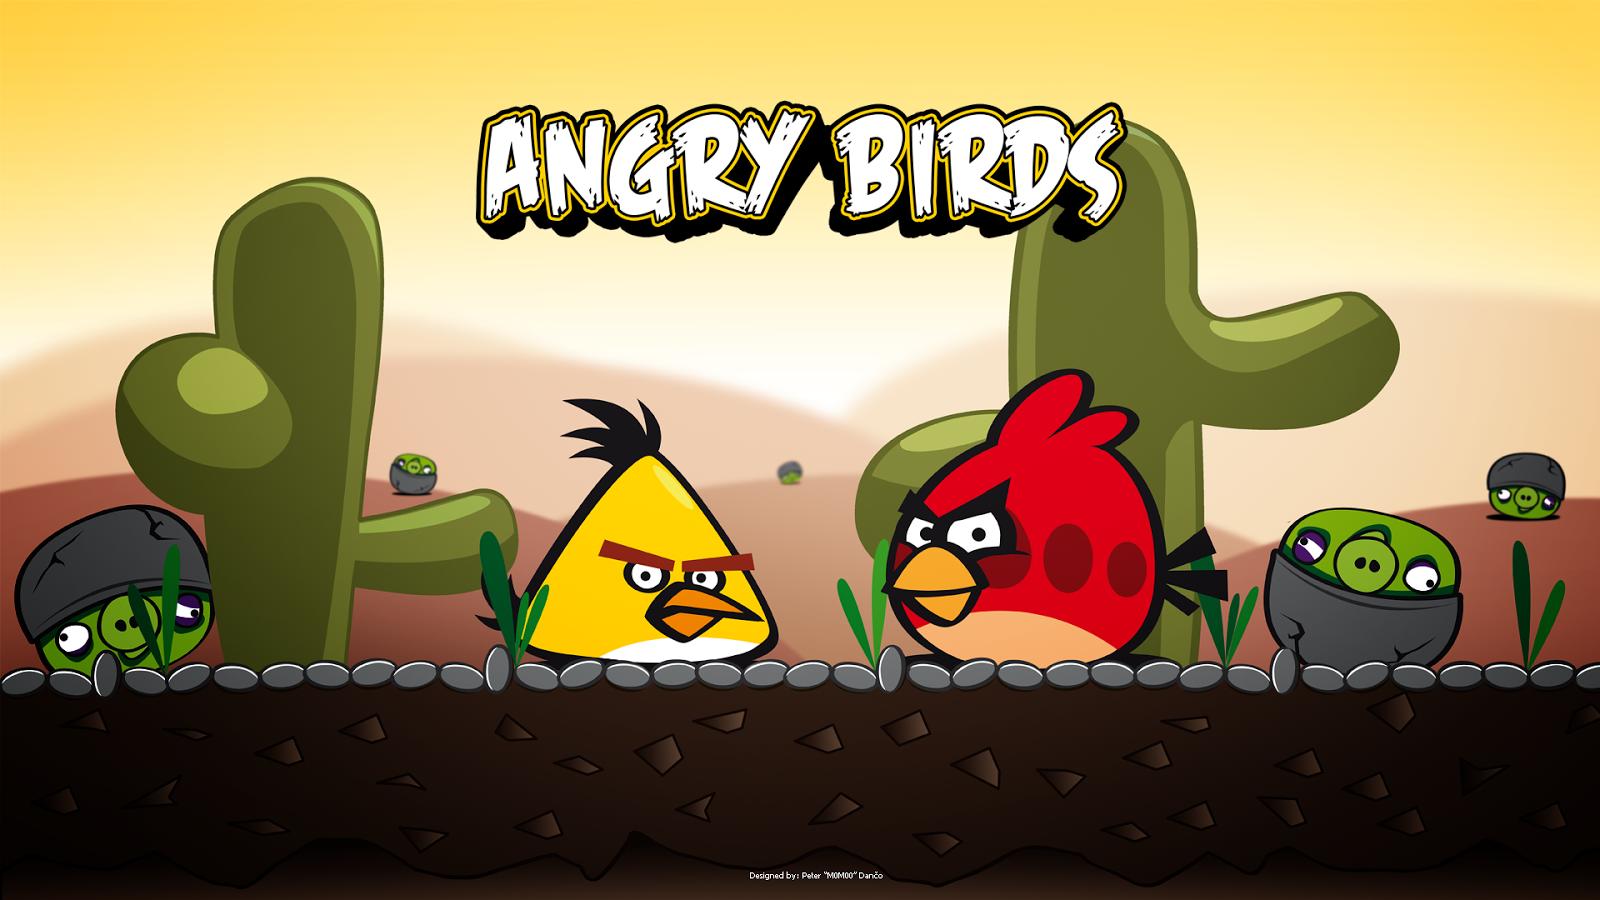 GAMEZONE: Angry bird